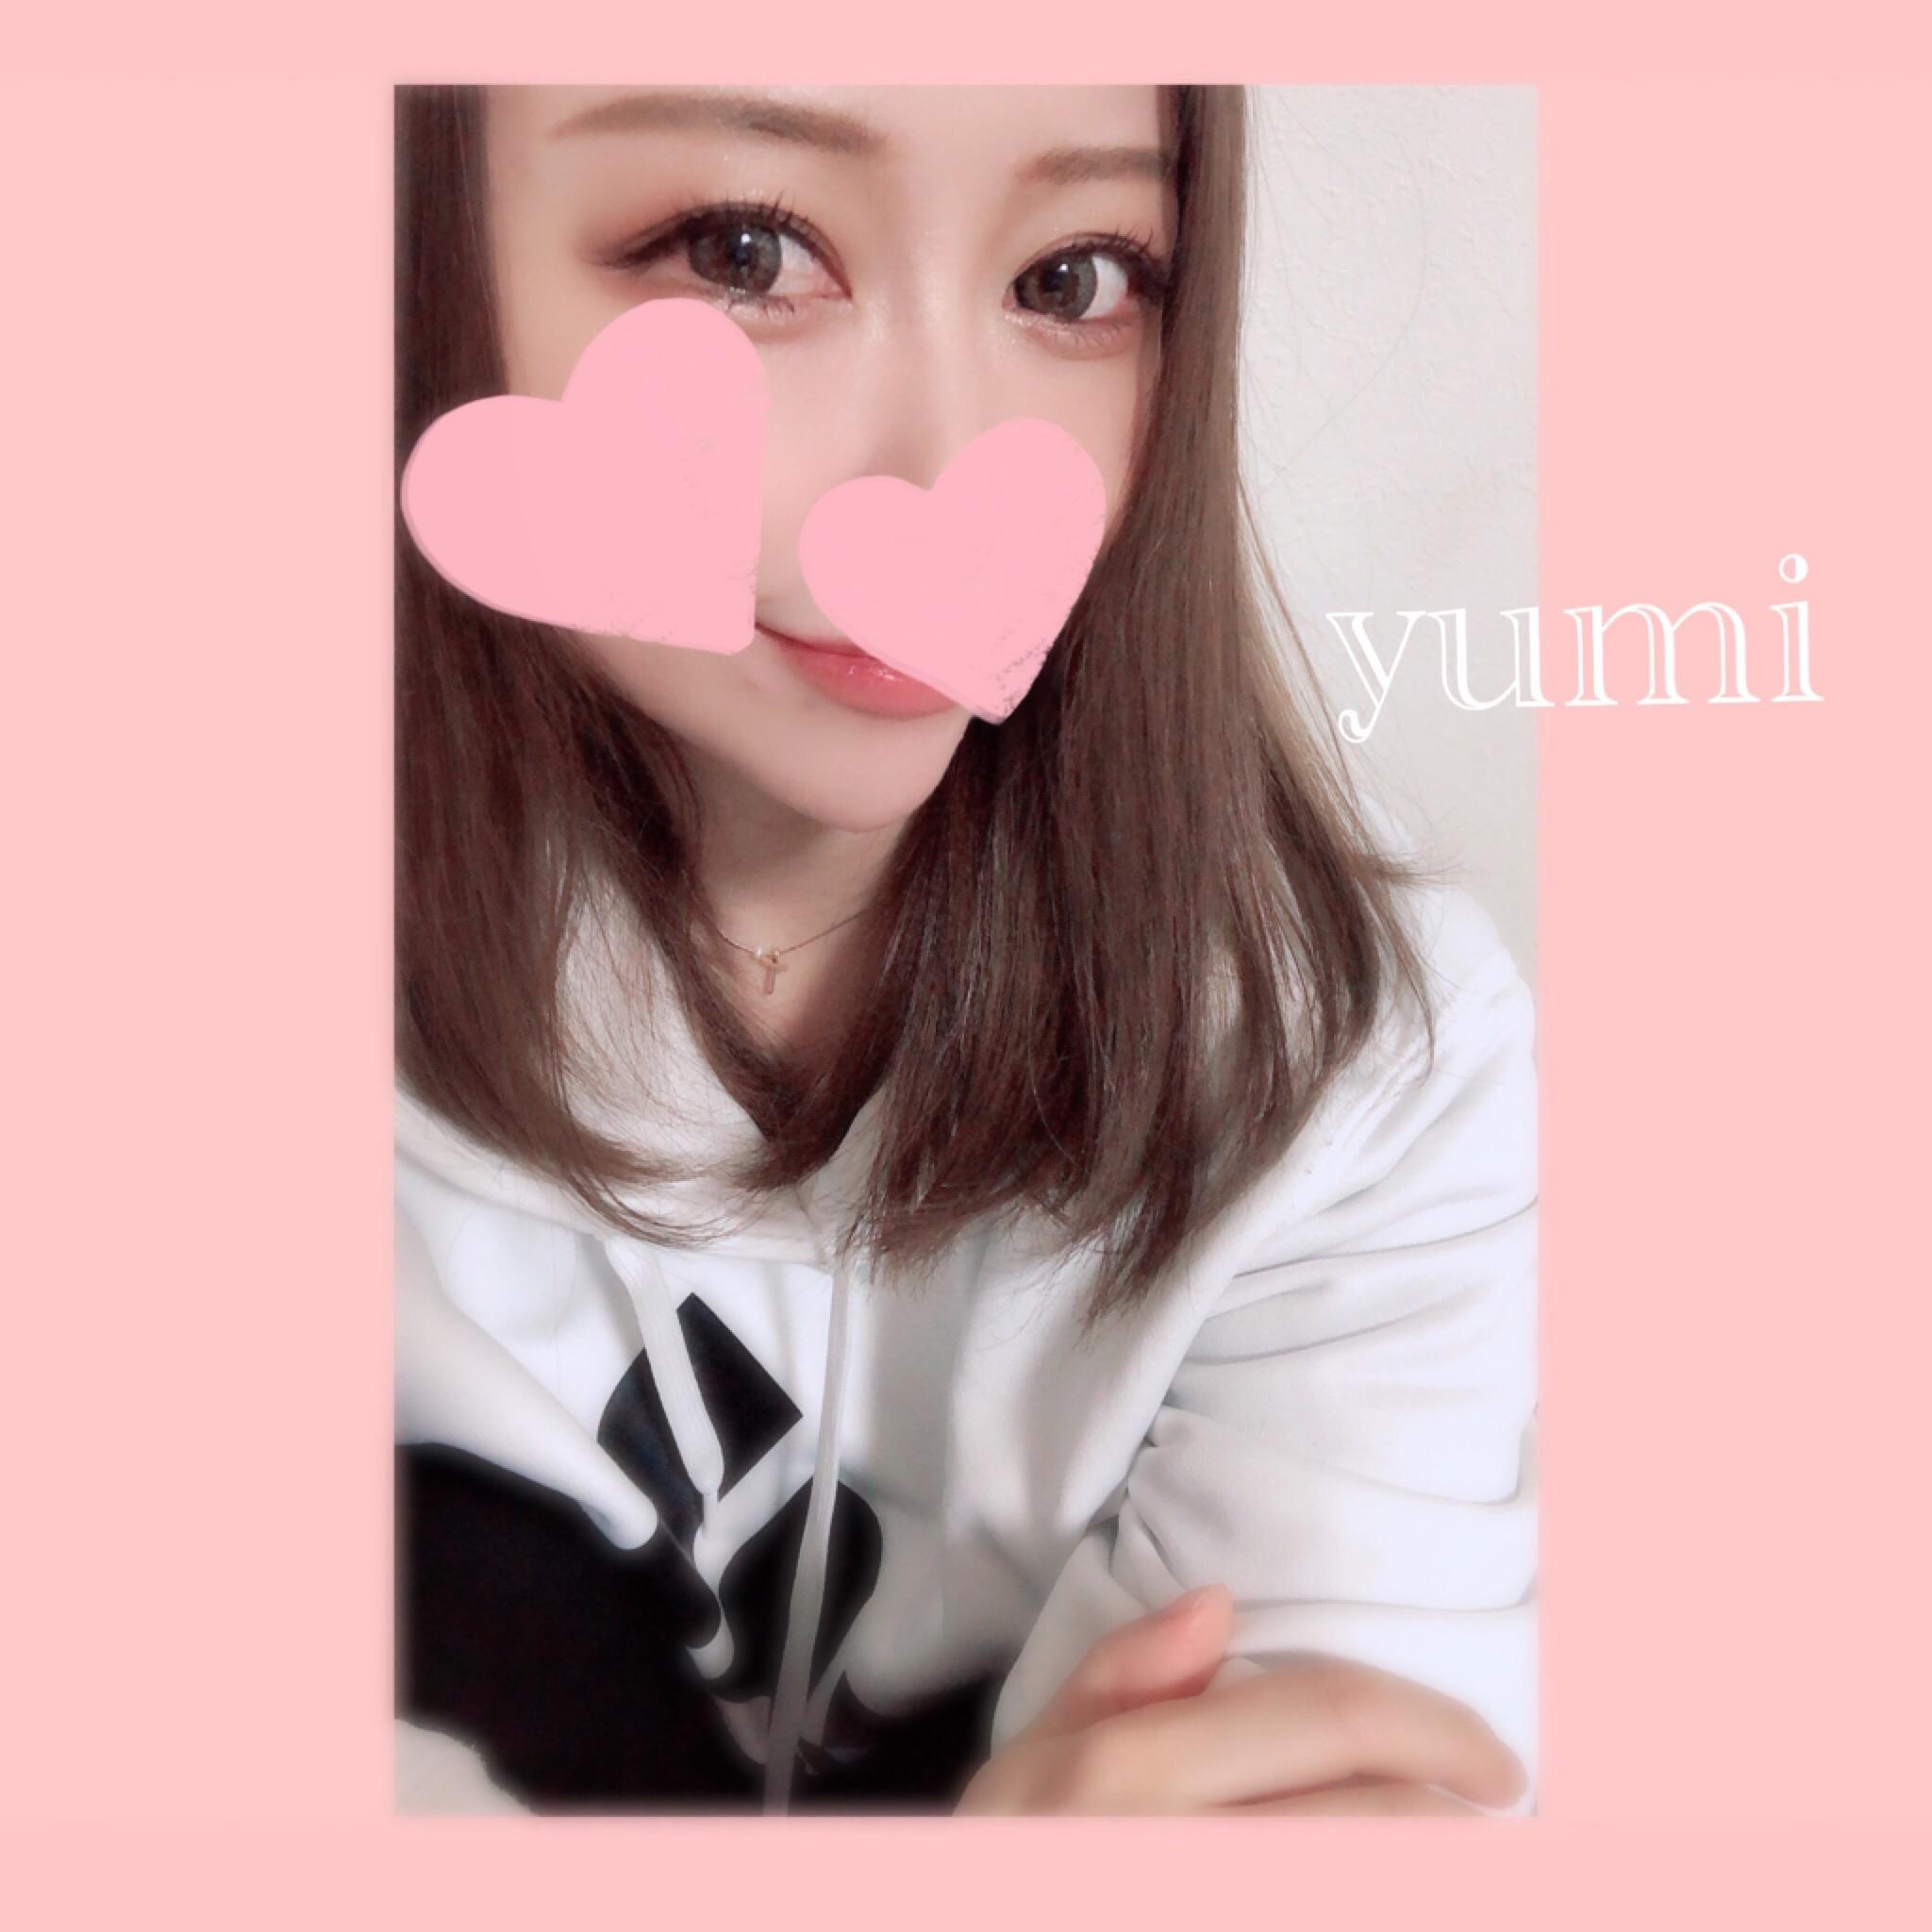 「口コミありがとうございます♡」03/01(月) 23:58 | 優美(ゆみ)の写メ日記